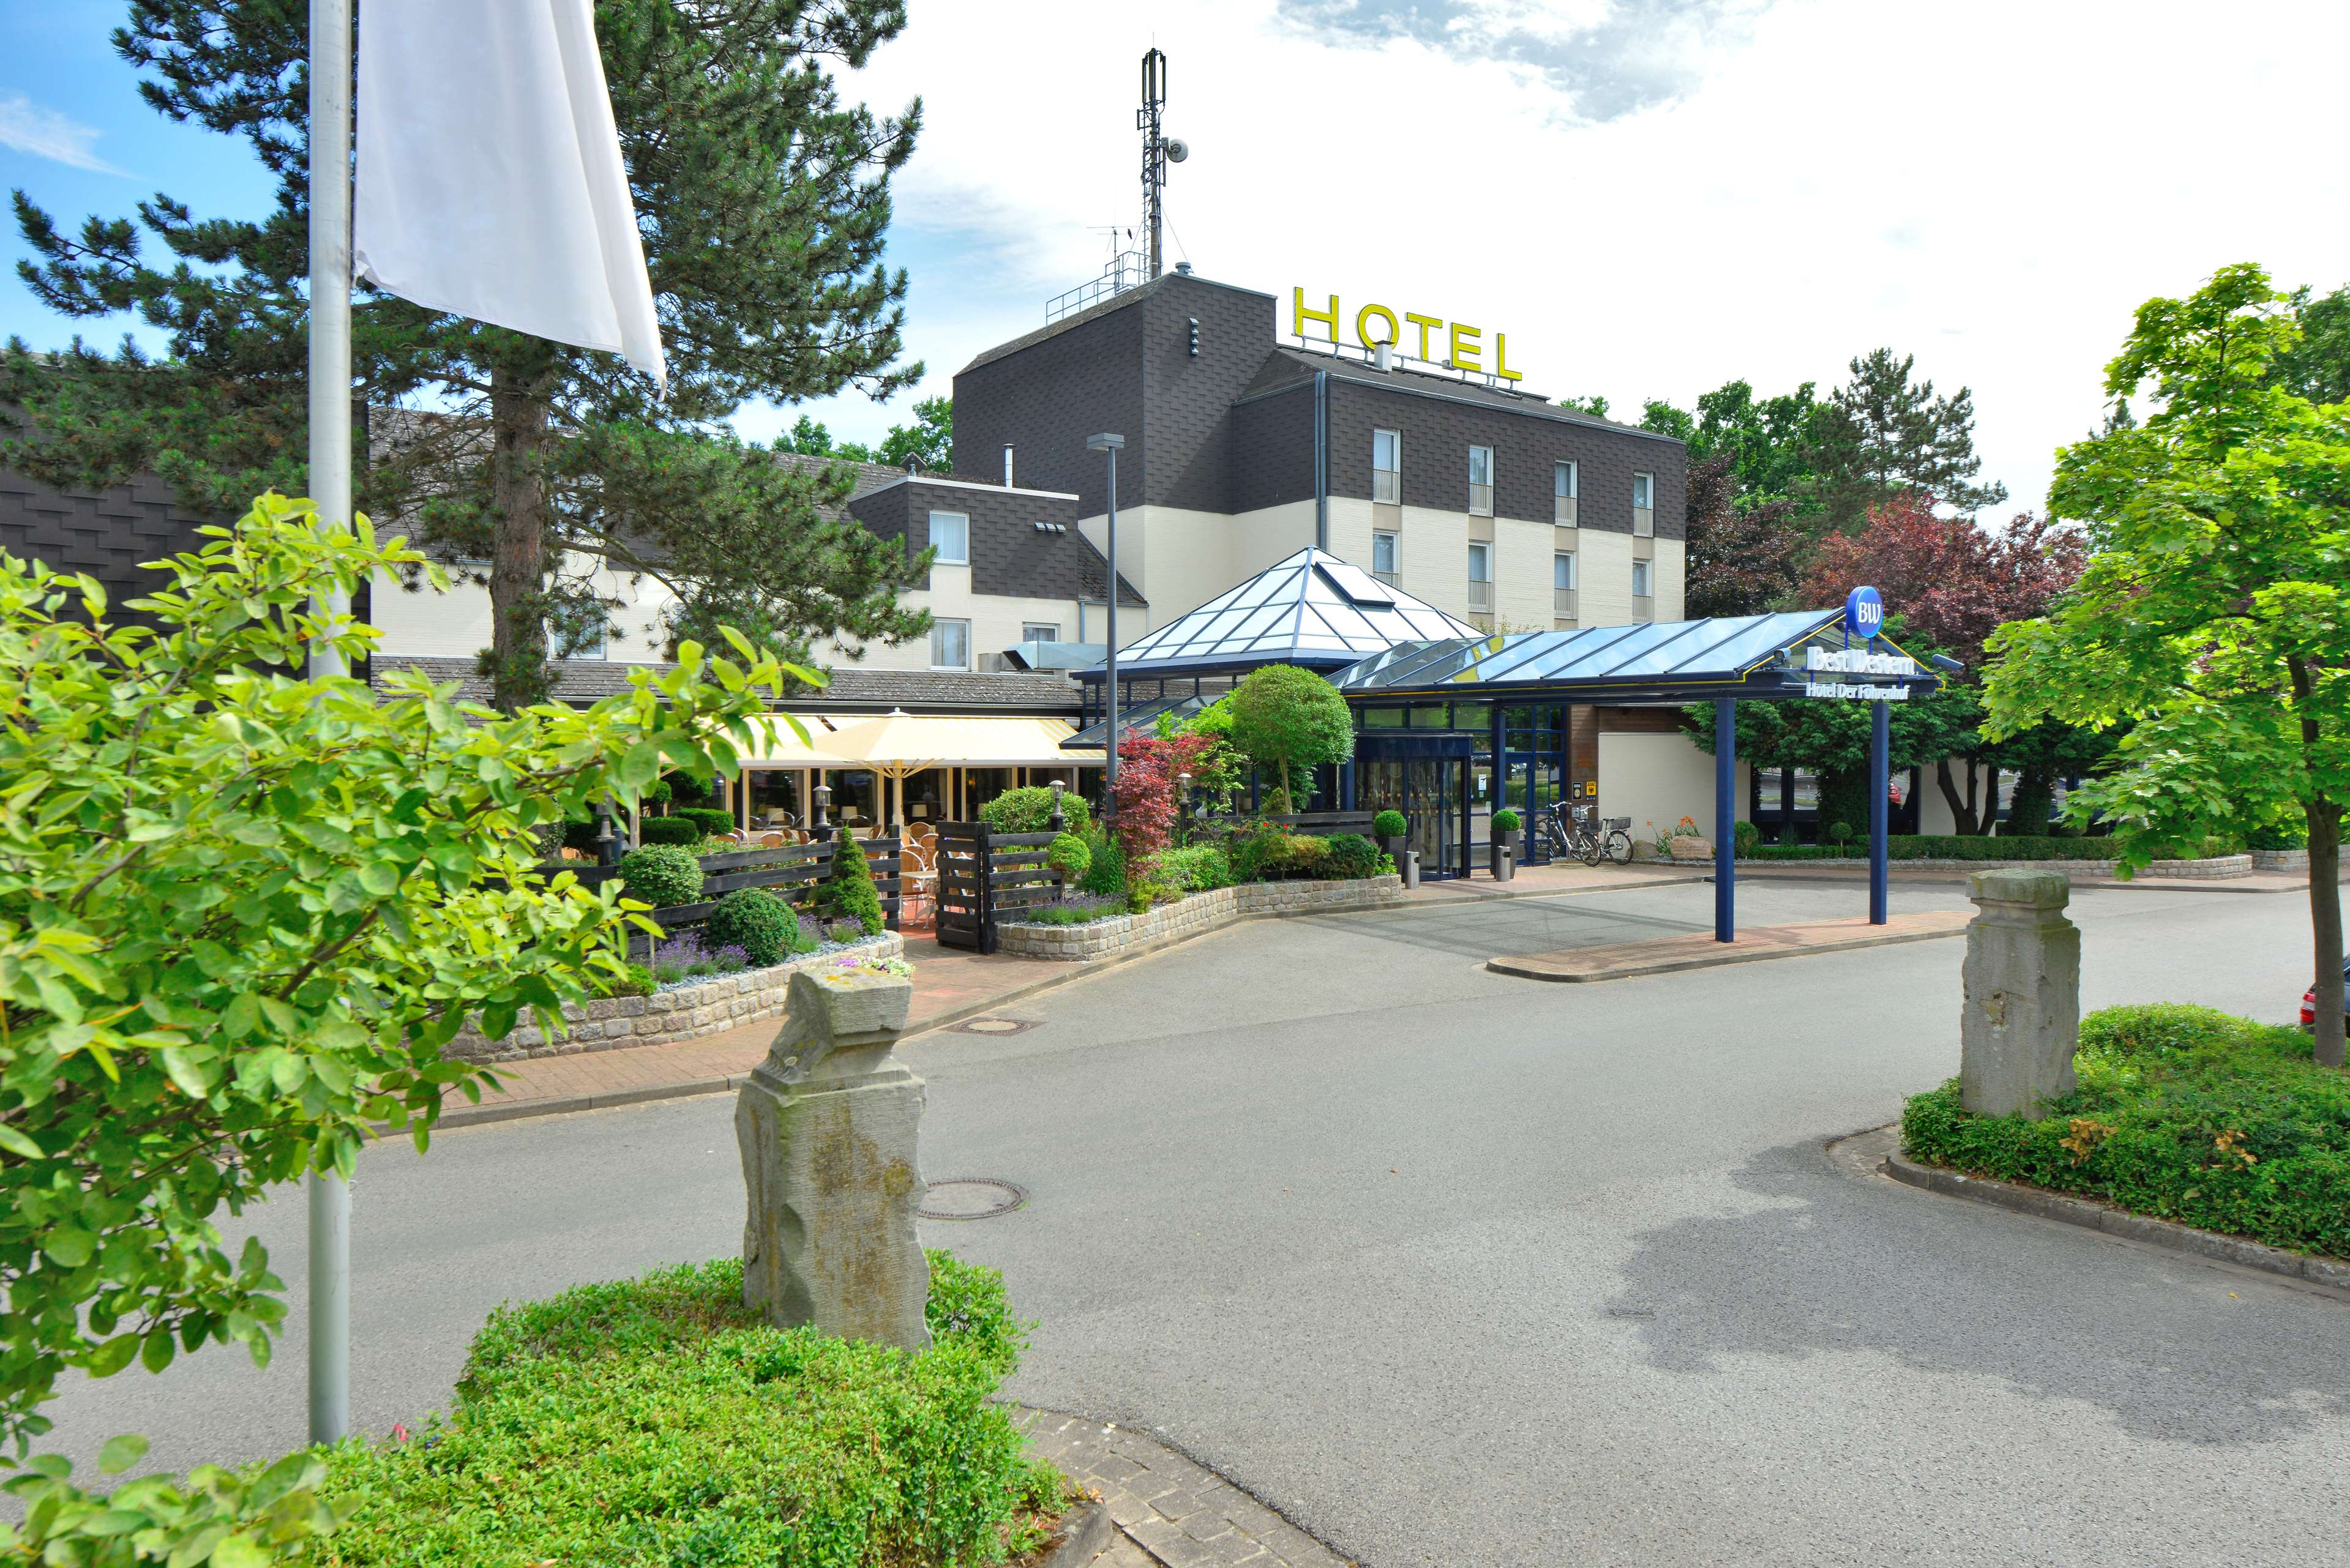 Best Western Hotel Der Foehrenhof, Kirchhorster Strasse 22 in Hannover